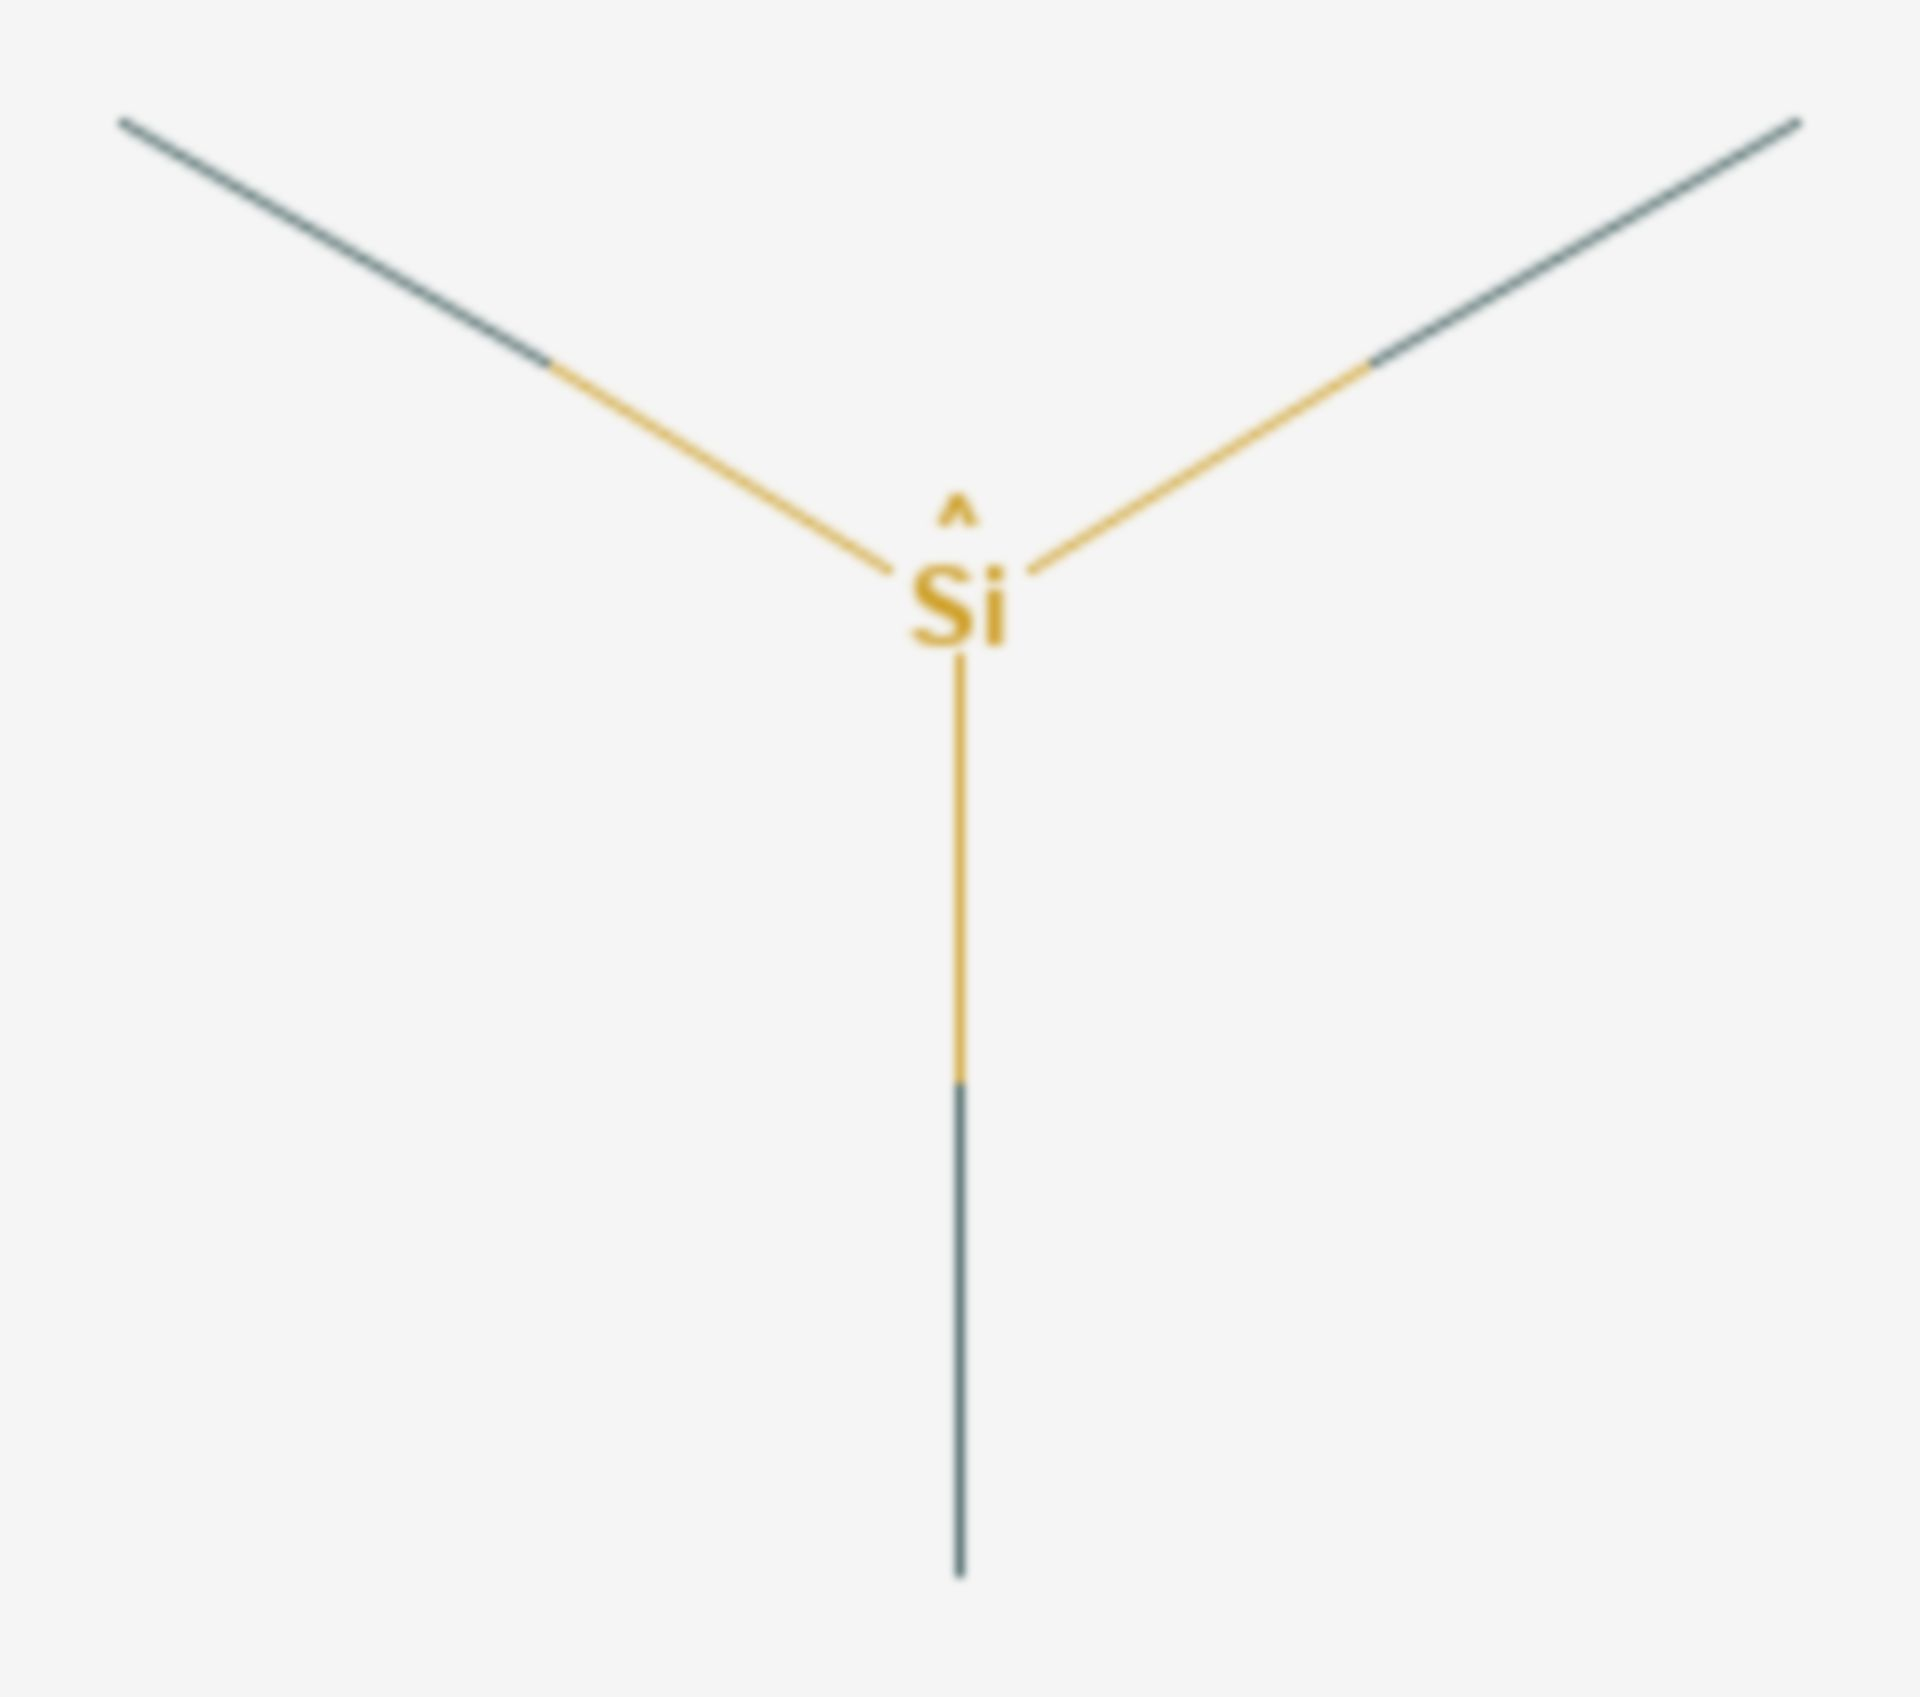 Trimethylsilan (Strukturformel)